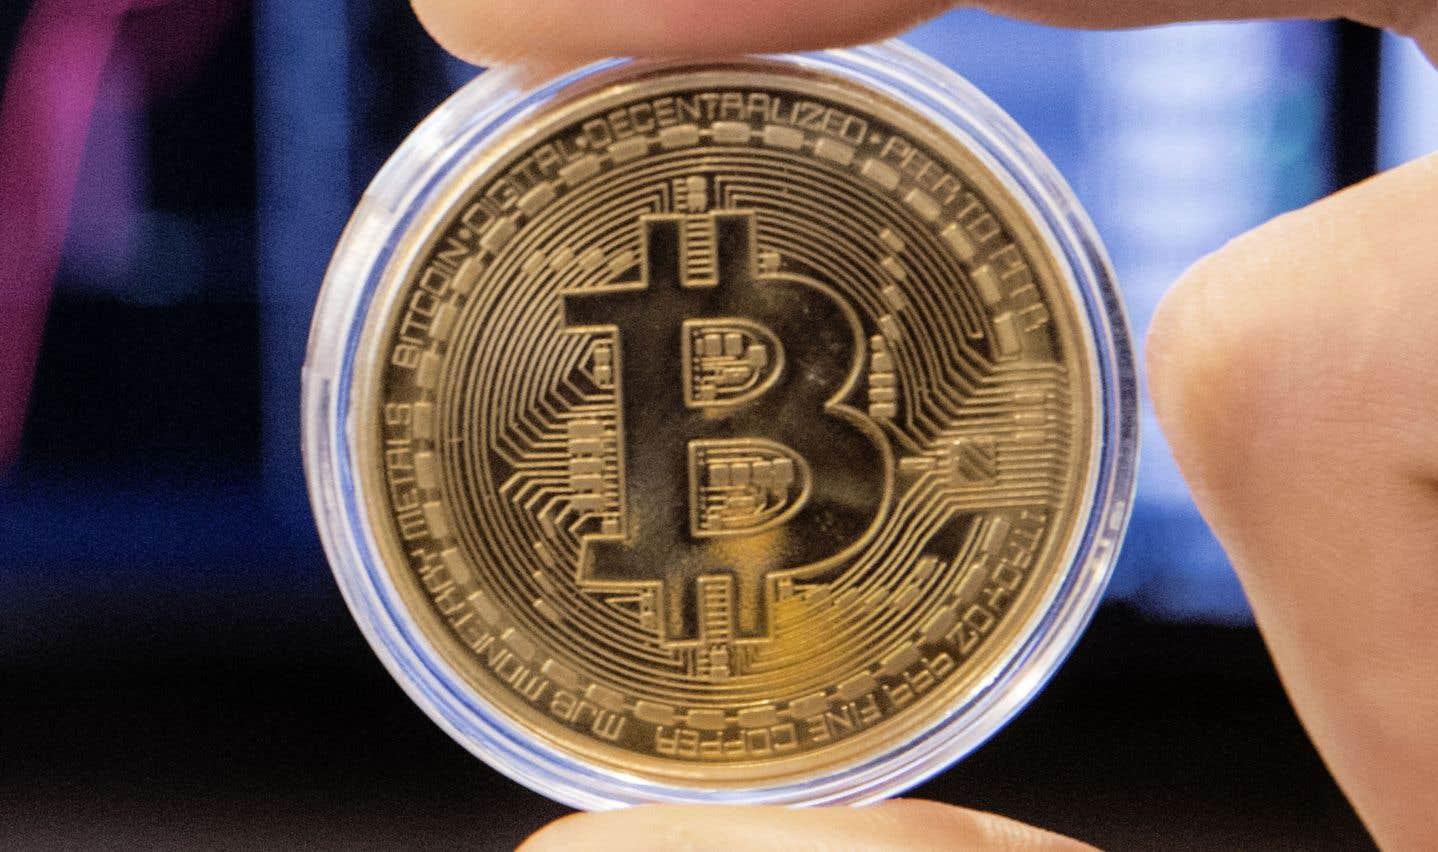 Le bitcoin est en chute de quelque 50% depuis la fin de 2017. Jeudi vers 17 h, la cryptomonnaie s'échangeait à 11 378 $US.